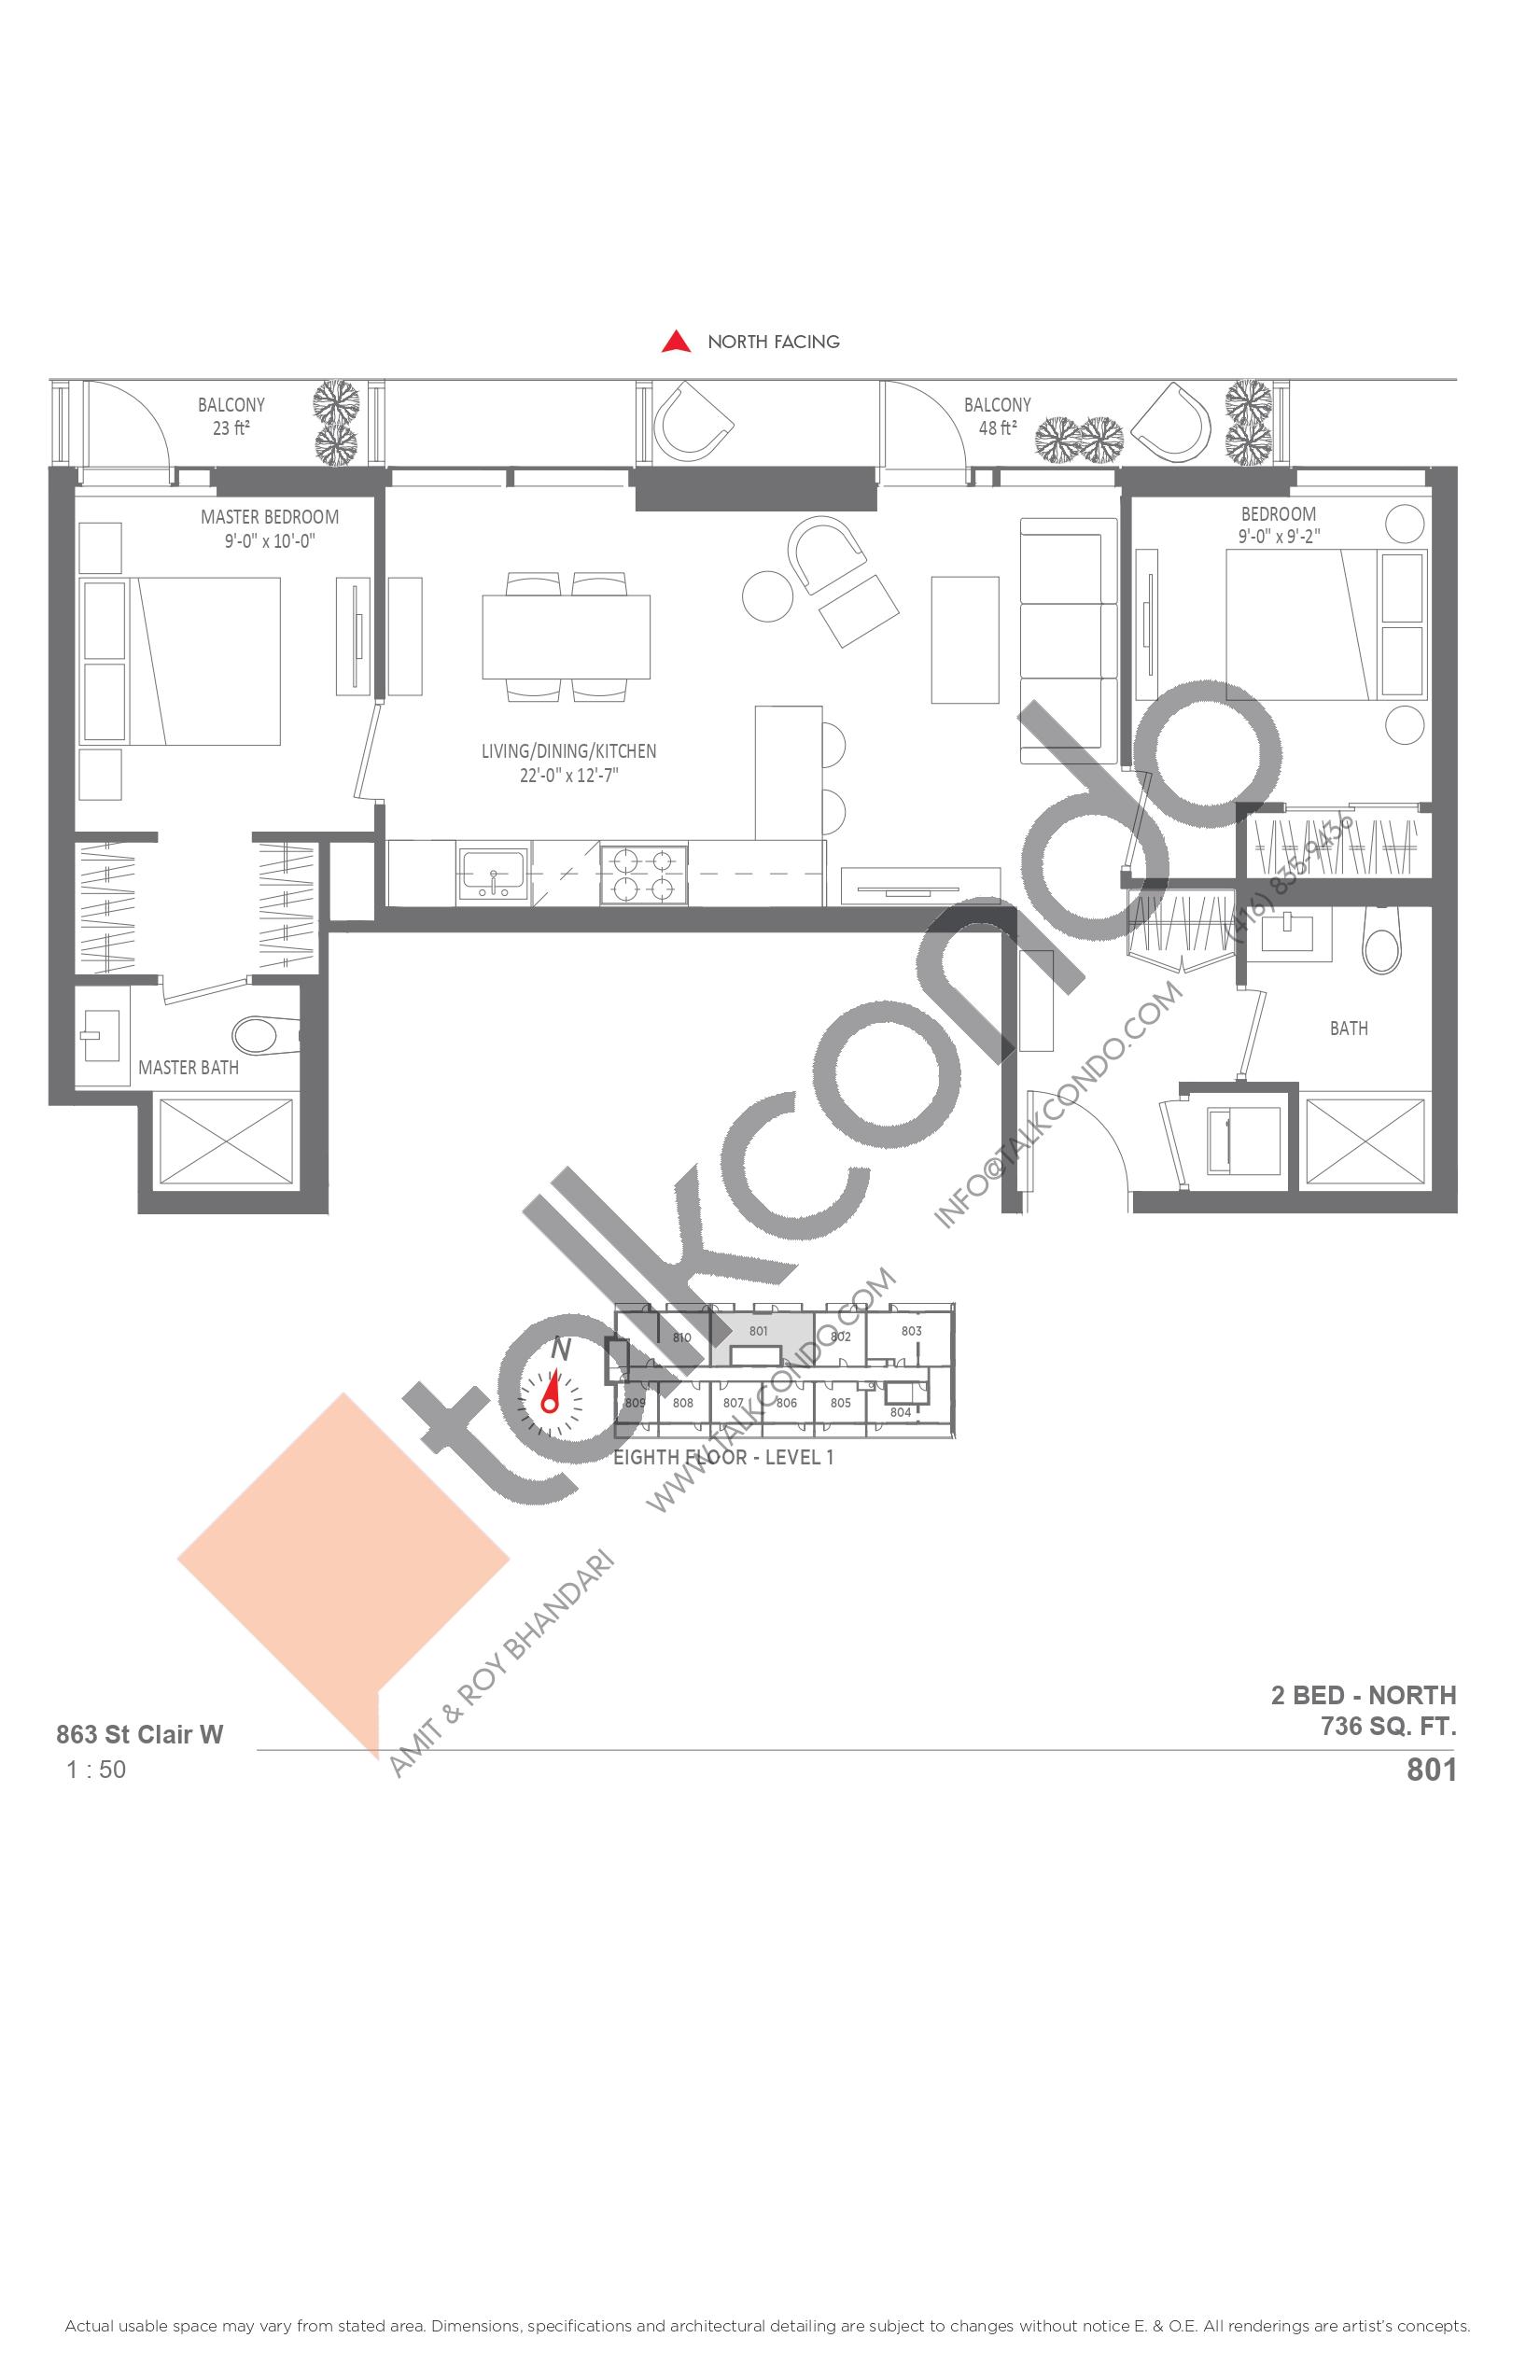 801 Floor Plan at Monza Condos - 736 sq.ft